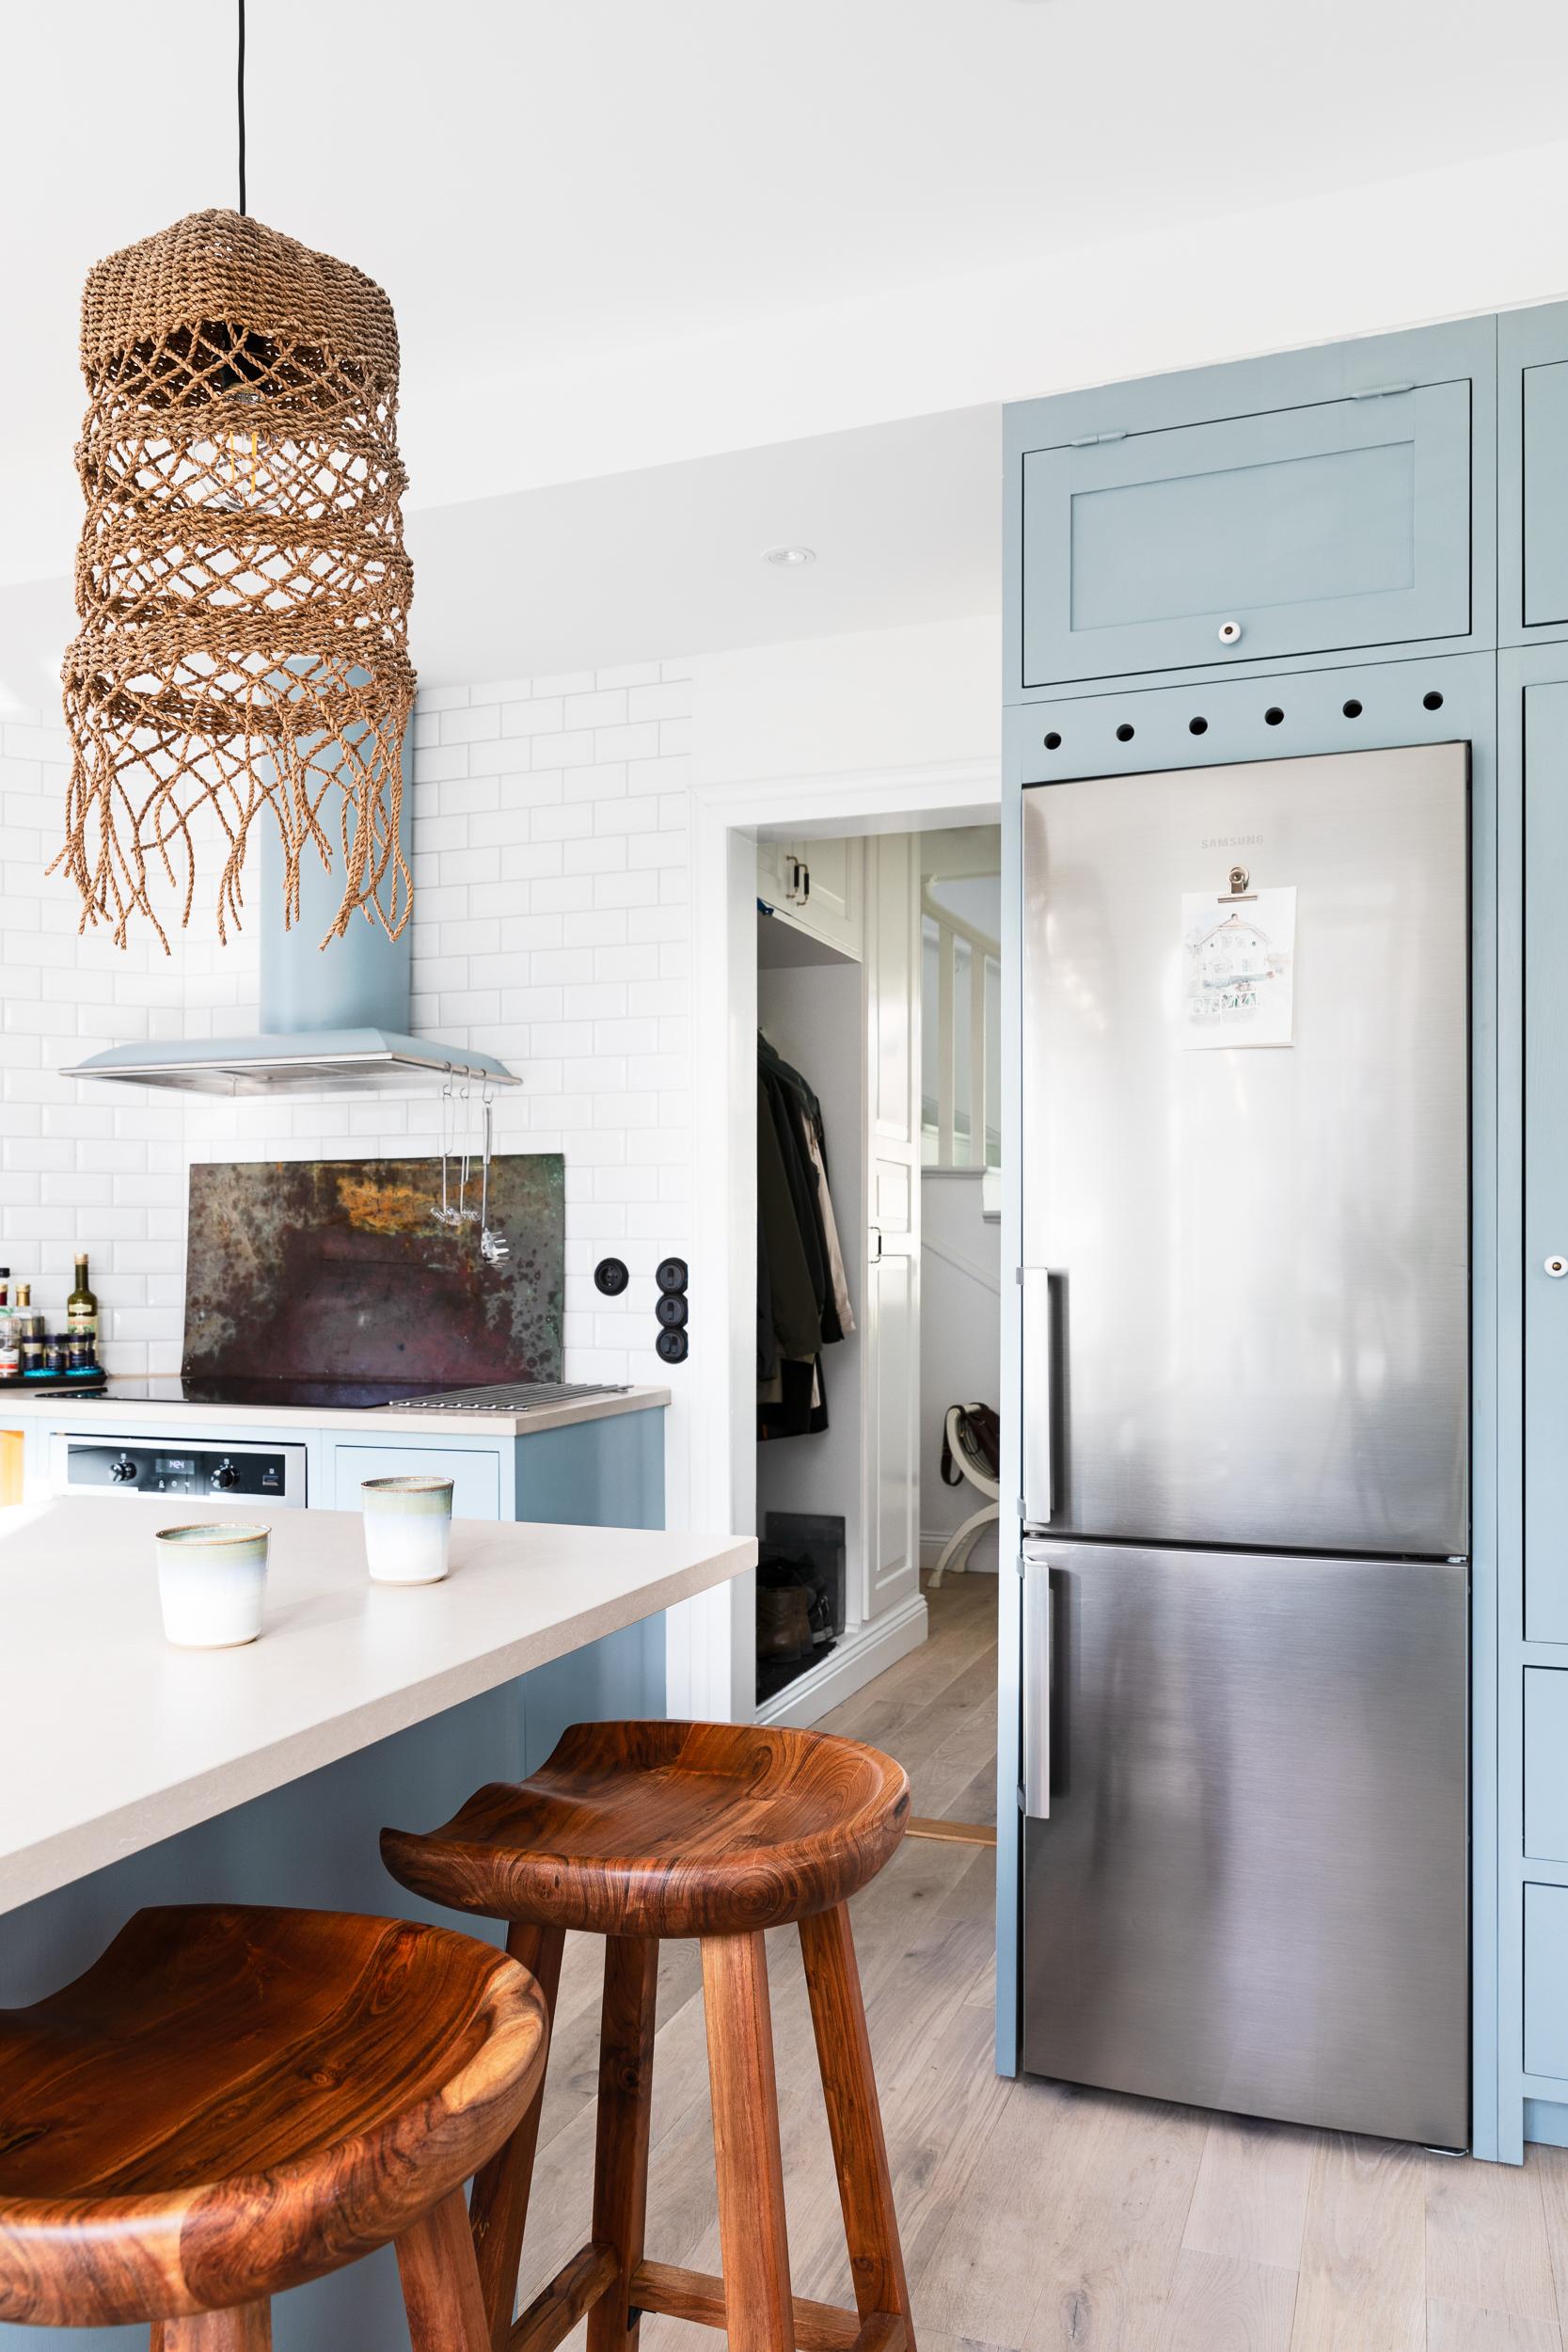 Köksinspiration kylskåp ljusblått kök från Skandinaviska Shakerkök